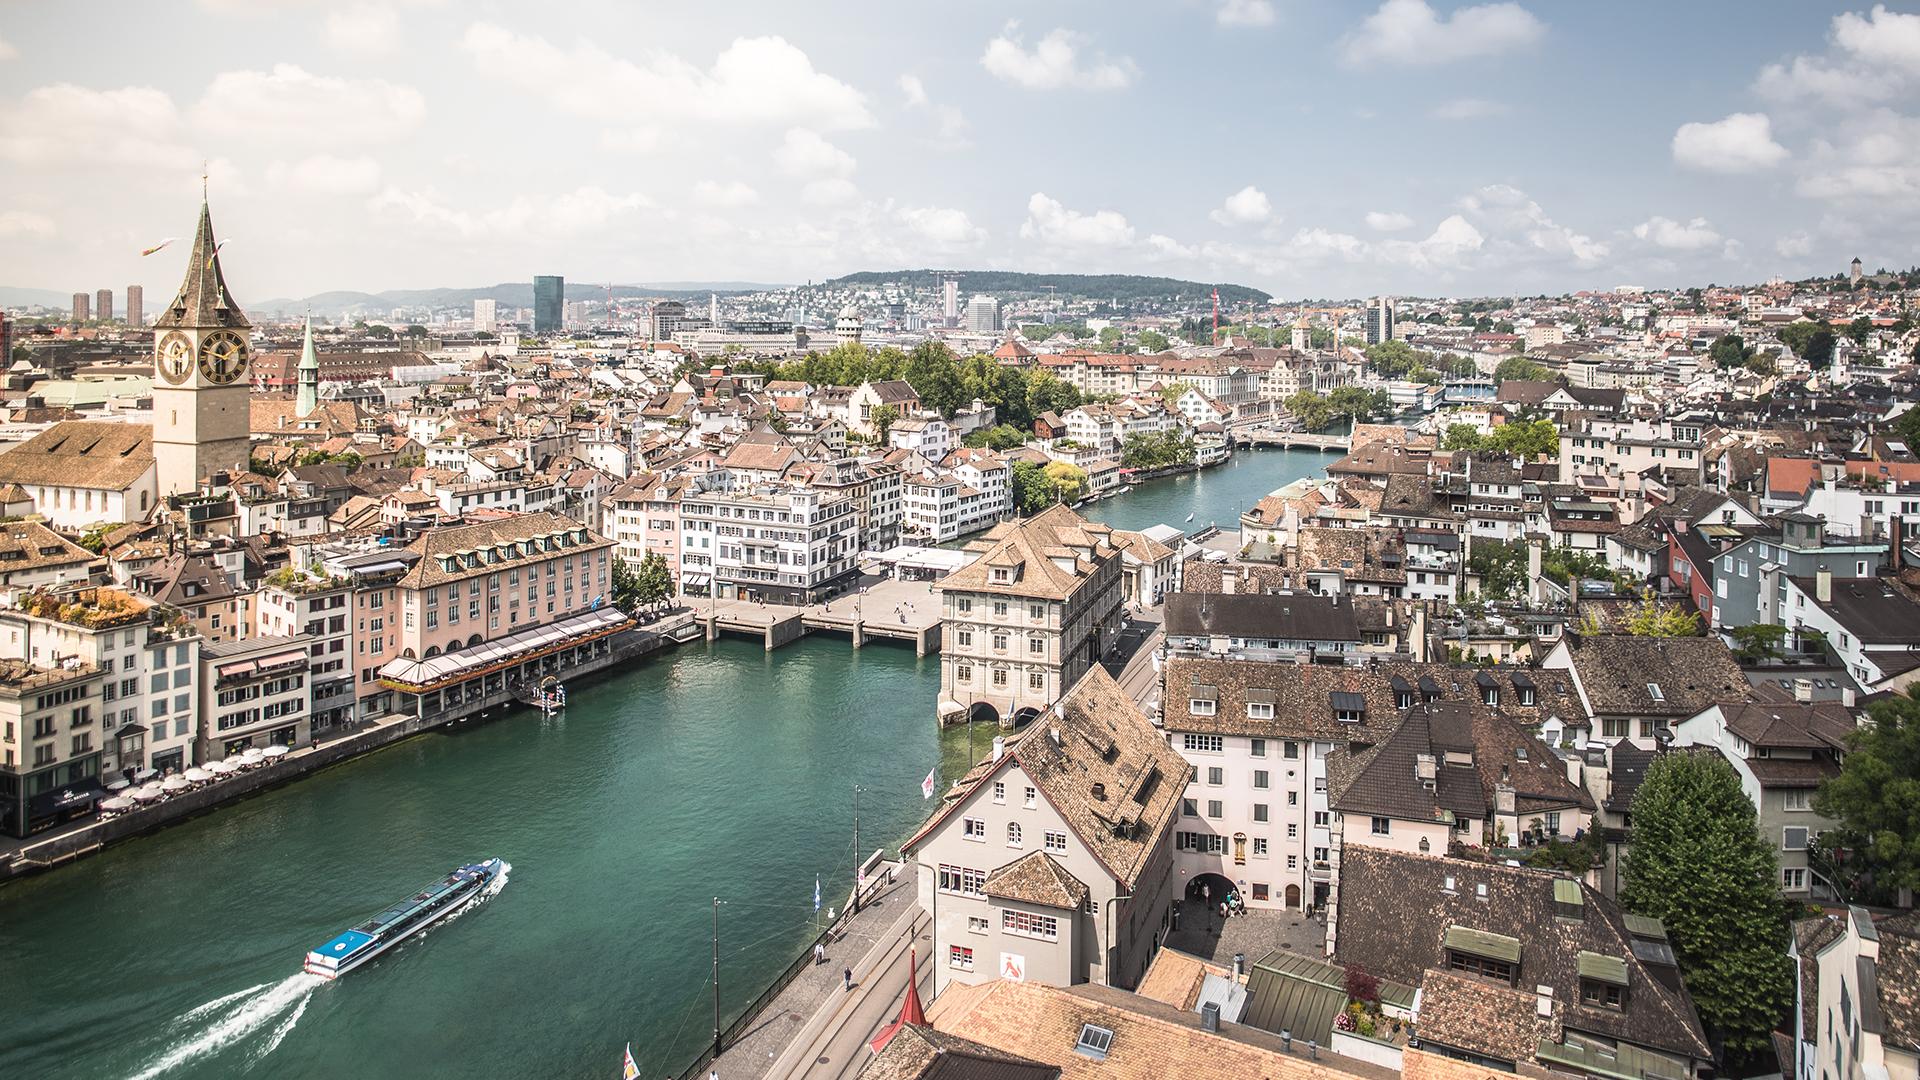 Zurich City View